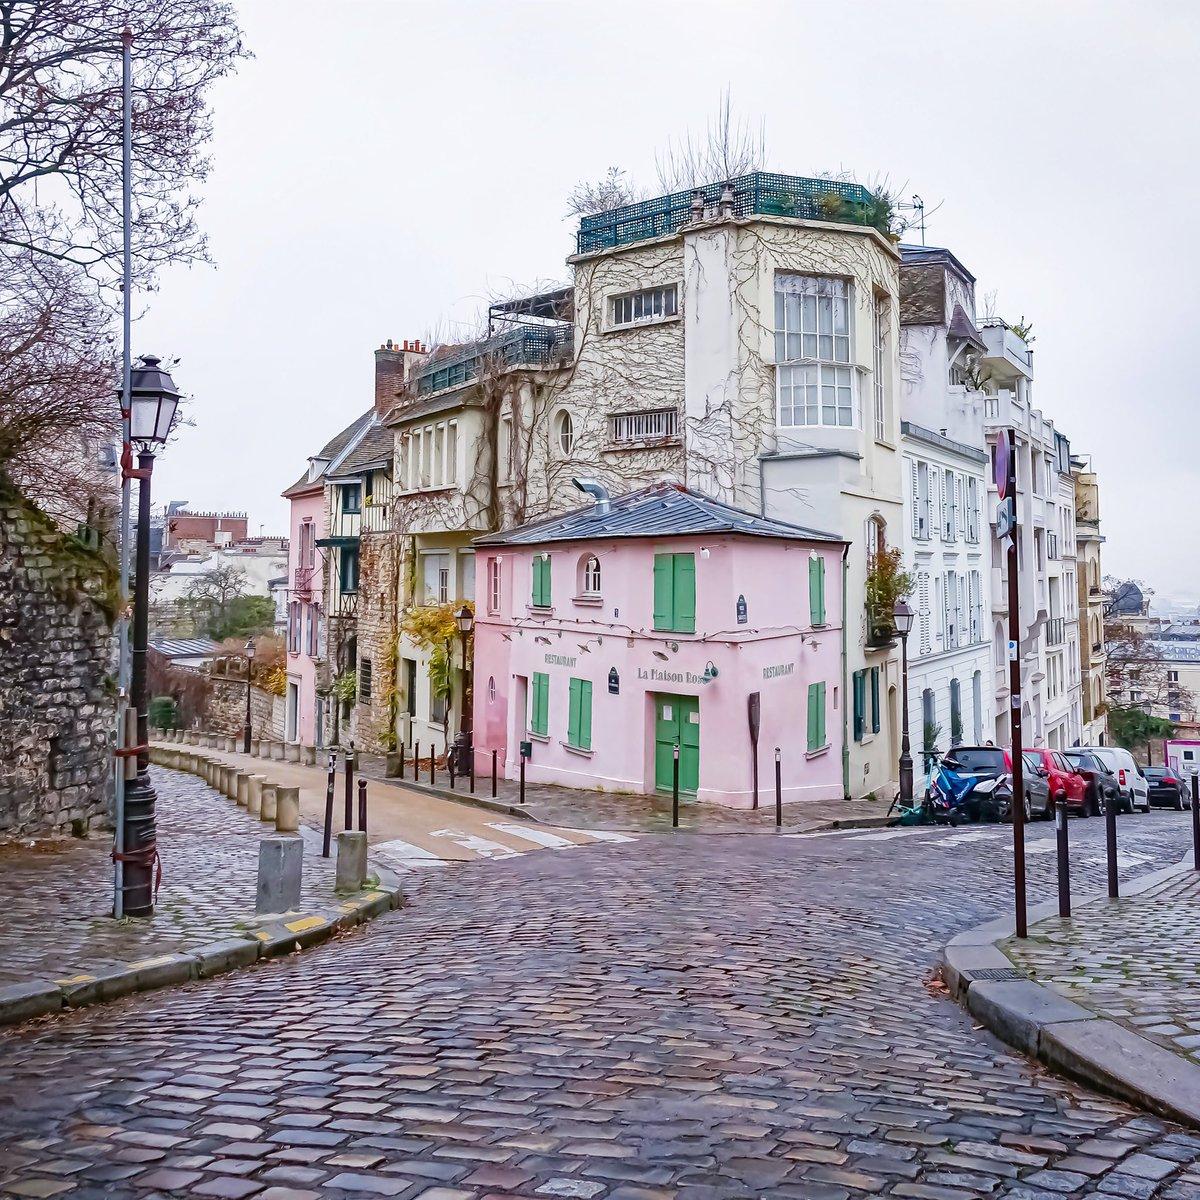 La Maison Rose accrochée à la colline de Montmartre, rue de l'Abreuvoir - Paris 18  #parisladouce #paris #pariscartepostale #parisjetaime #cityguide #pariscityguide #paris18 #streetsofparis #thisisparis #parismaville #montmartre #maisonrose